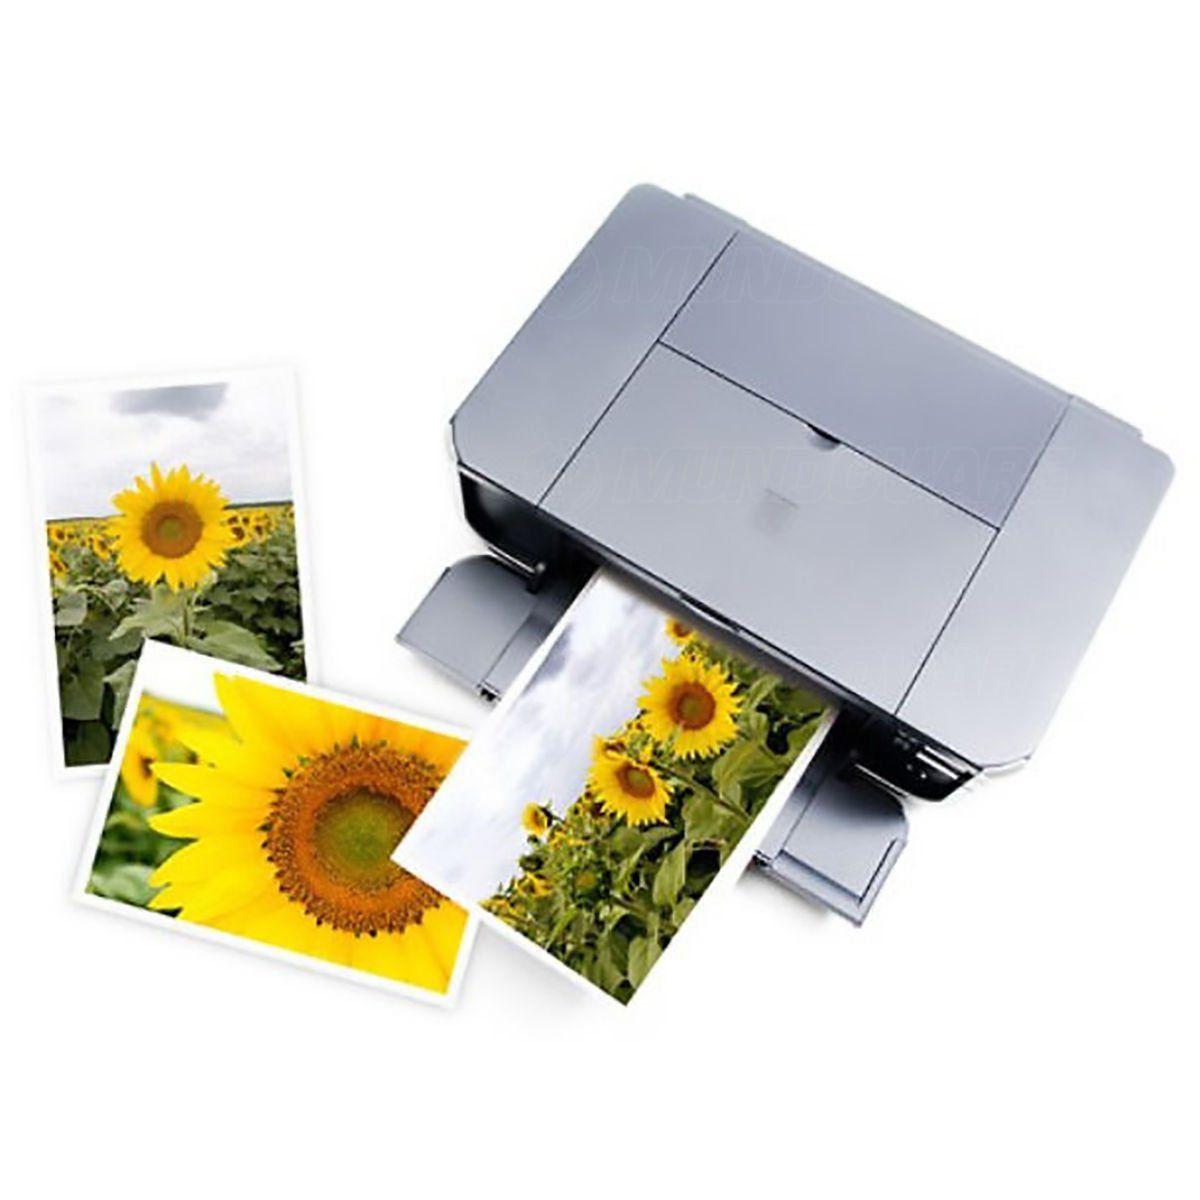 Papel Matte Fosco Fotográfico 170g A4 Branco Sem Brilho Resistente à Água / 100 Folhas